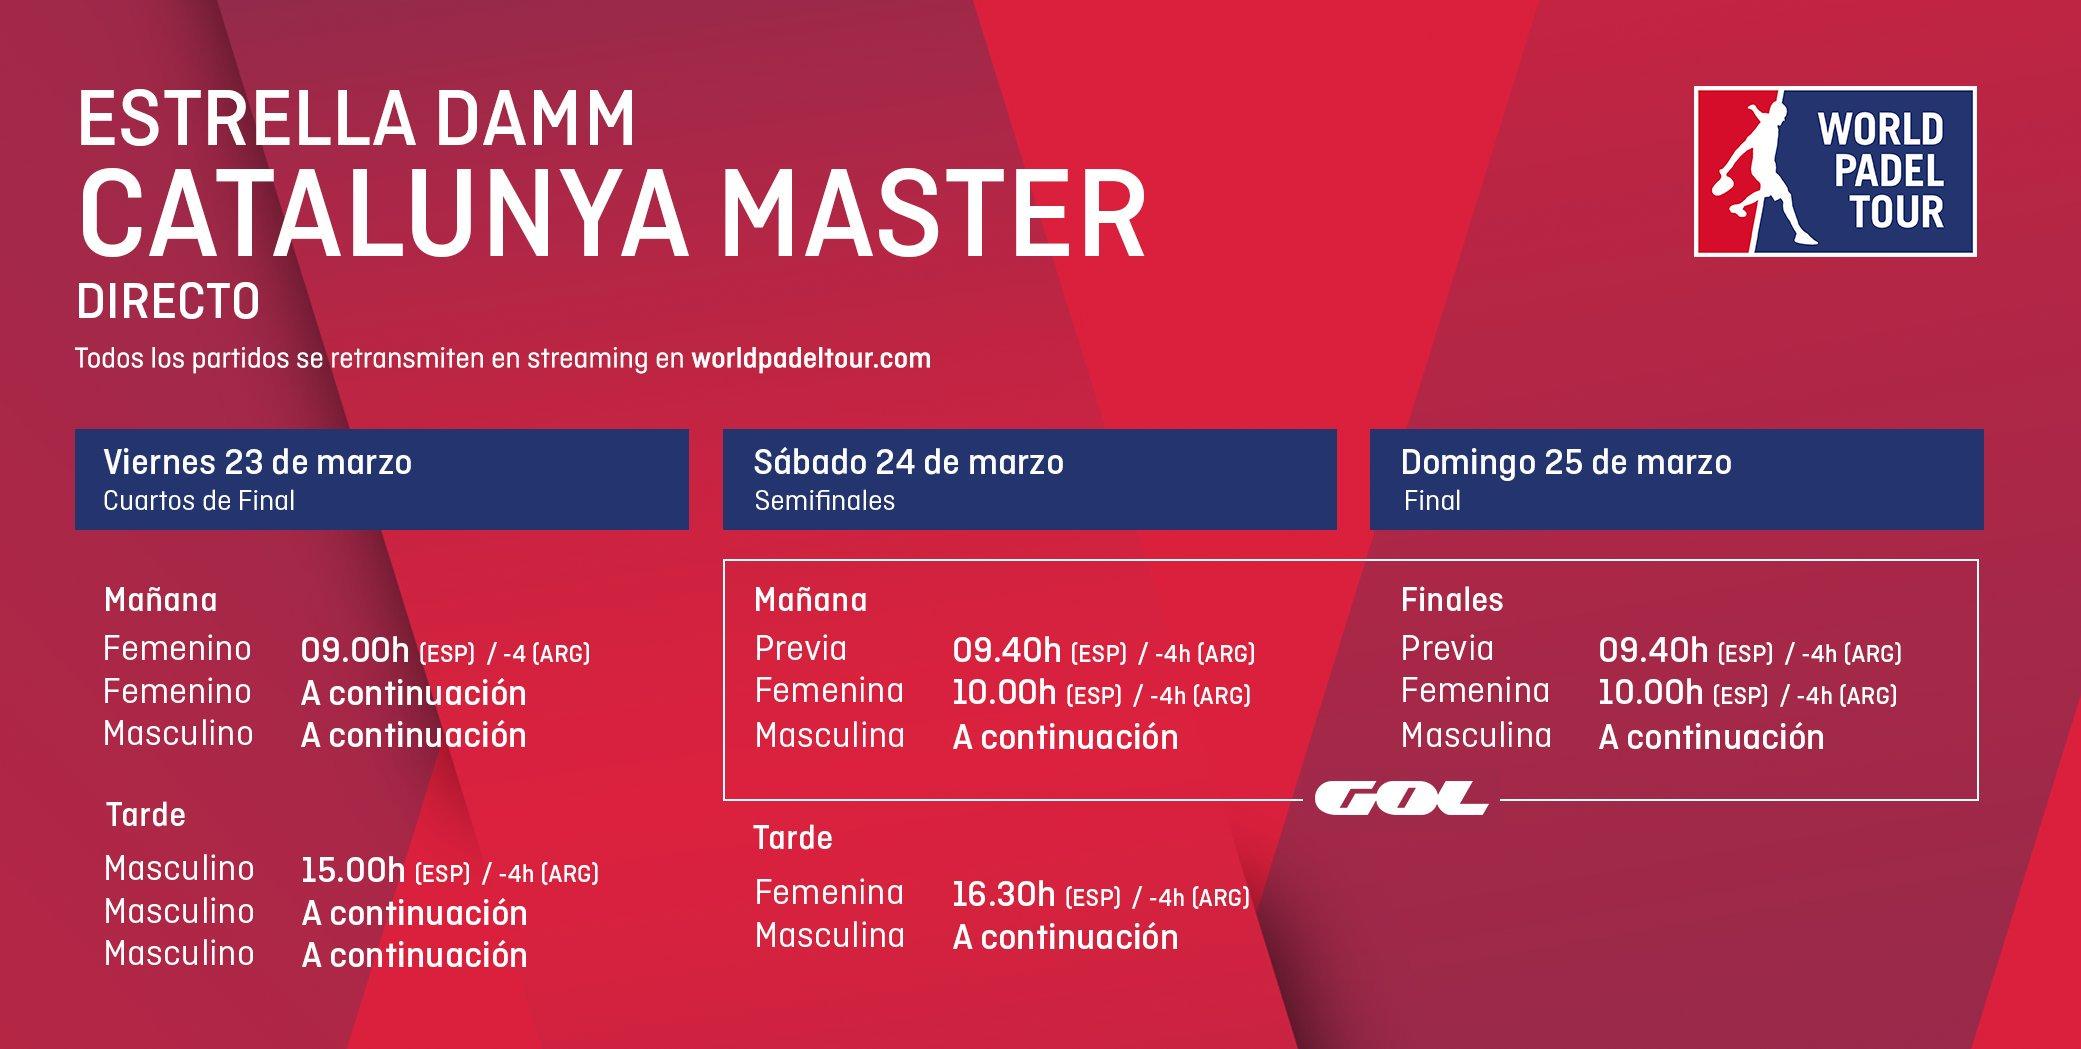 Horarios del streaming del Estrella Damm Catalunya Master.